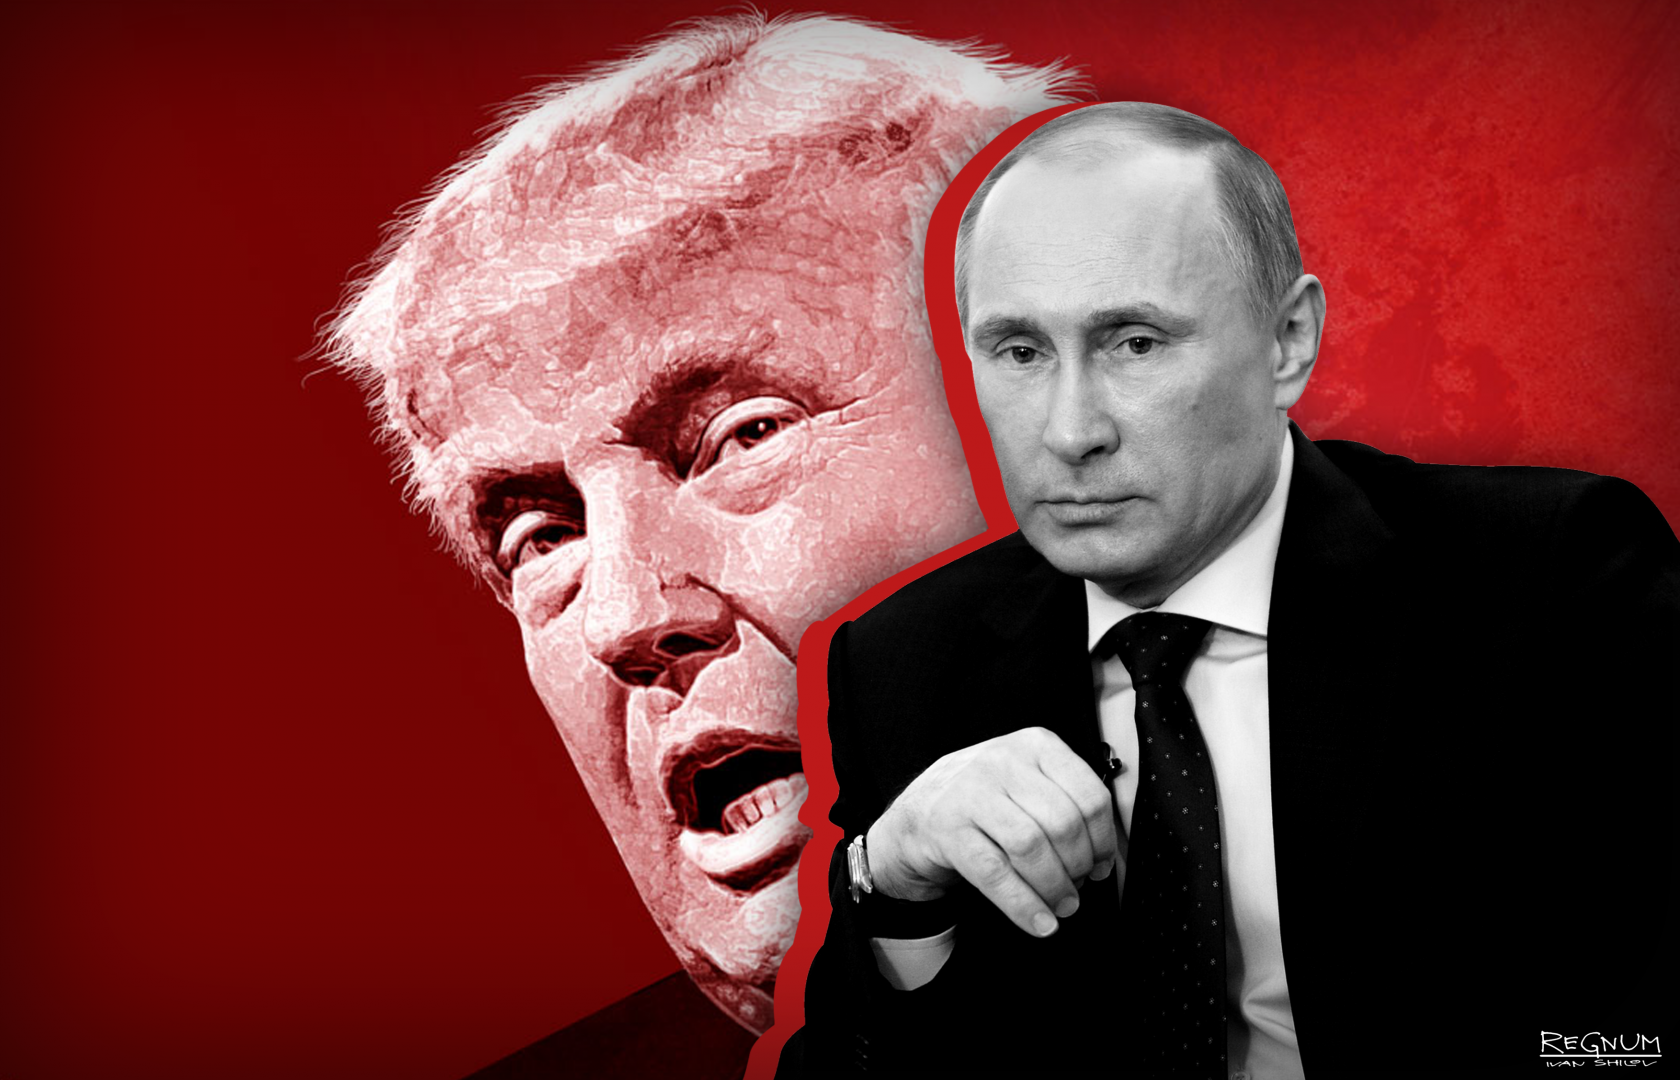 СМИ сообщили, что у Трампа нет конкретной программы по РФ